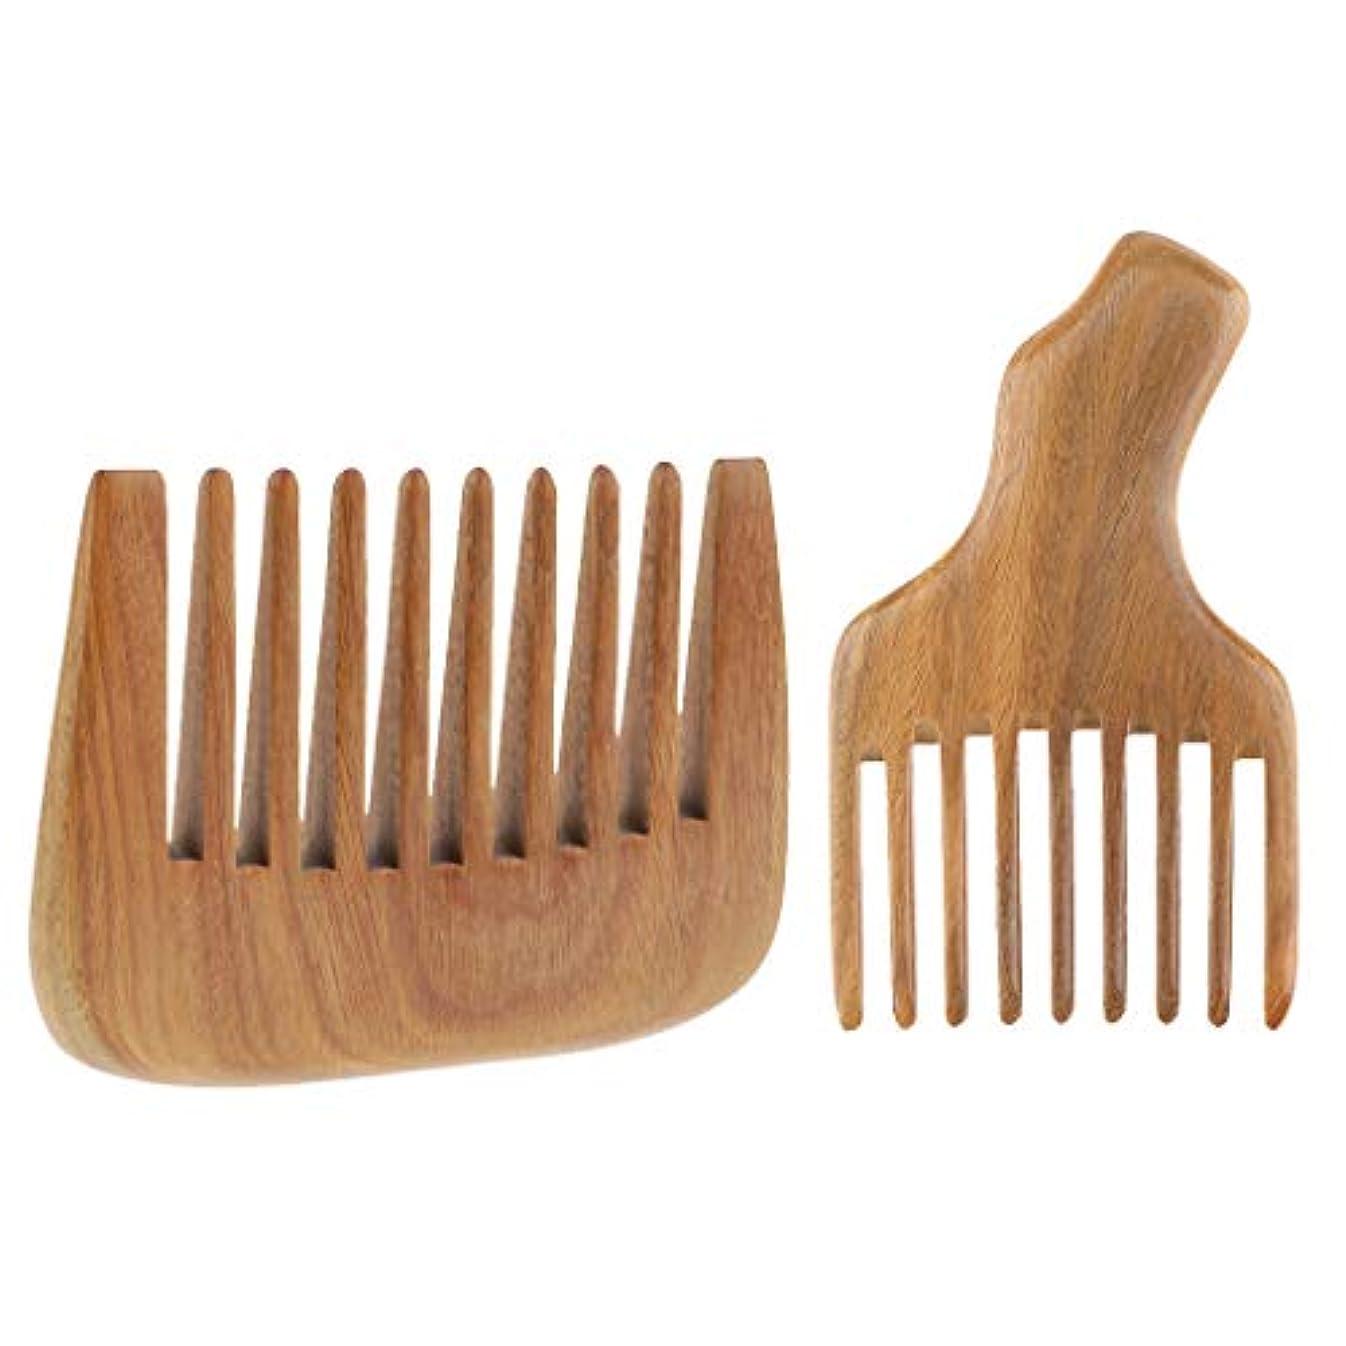 前部ハンドブック猛烈なB Baosity 2個 木製櫛 ウッドコーム ワイド歯 静電気防止 櫛 くし 高品質